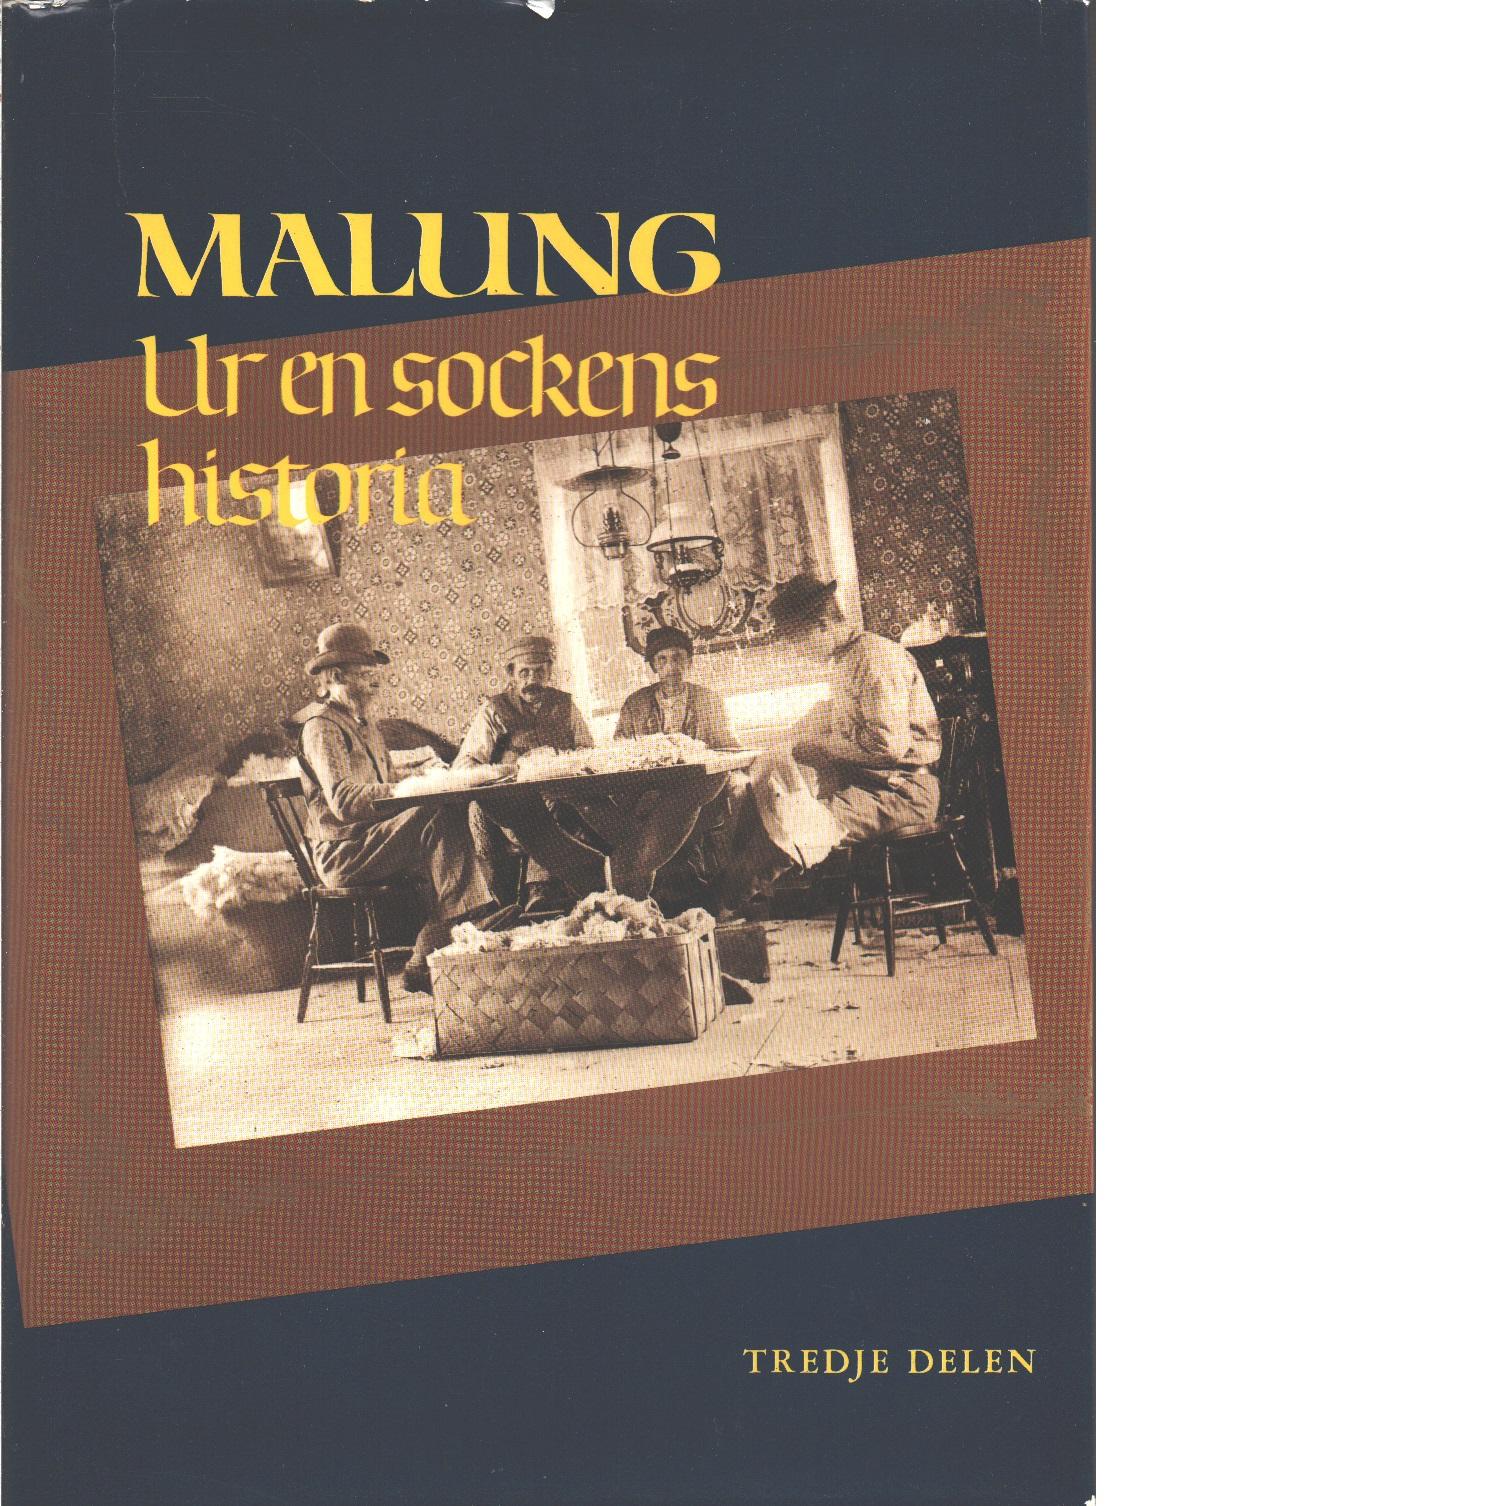 Malung : ur en sockens historia. D. 3, Malungs skinnare : ett månghundraårigt hantverk, dess utövning och möte med den moderna tiden - Red. Veirulf, Olle